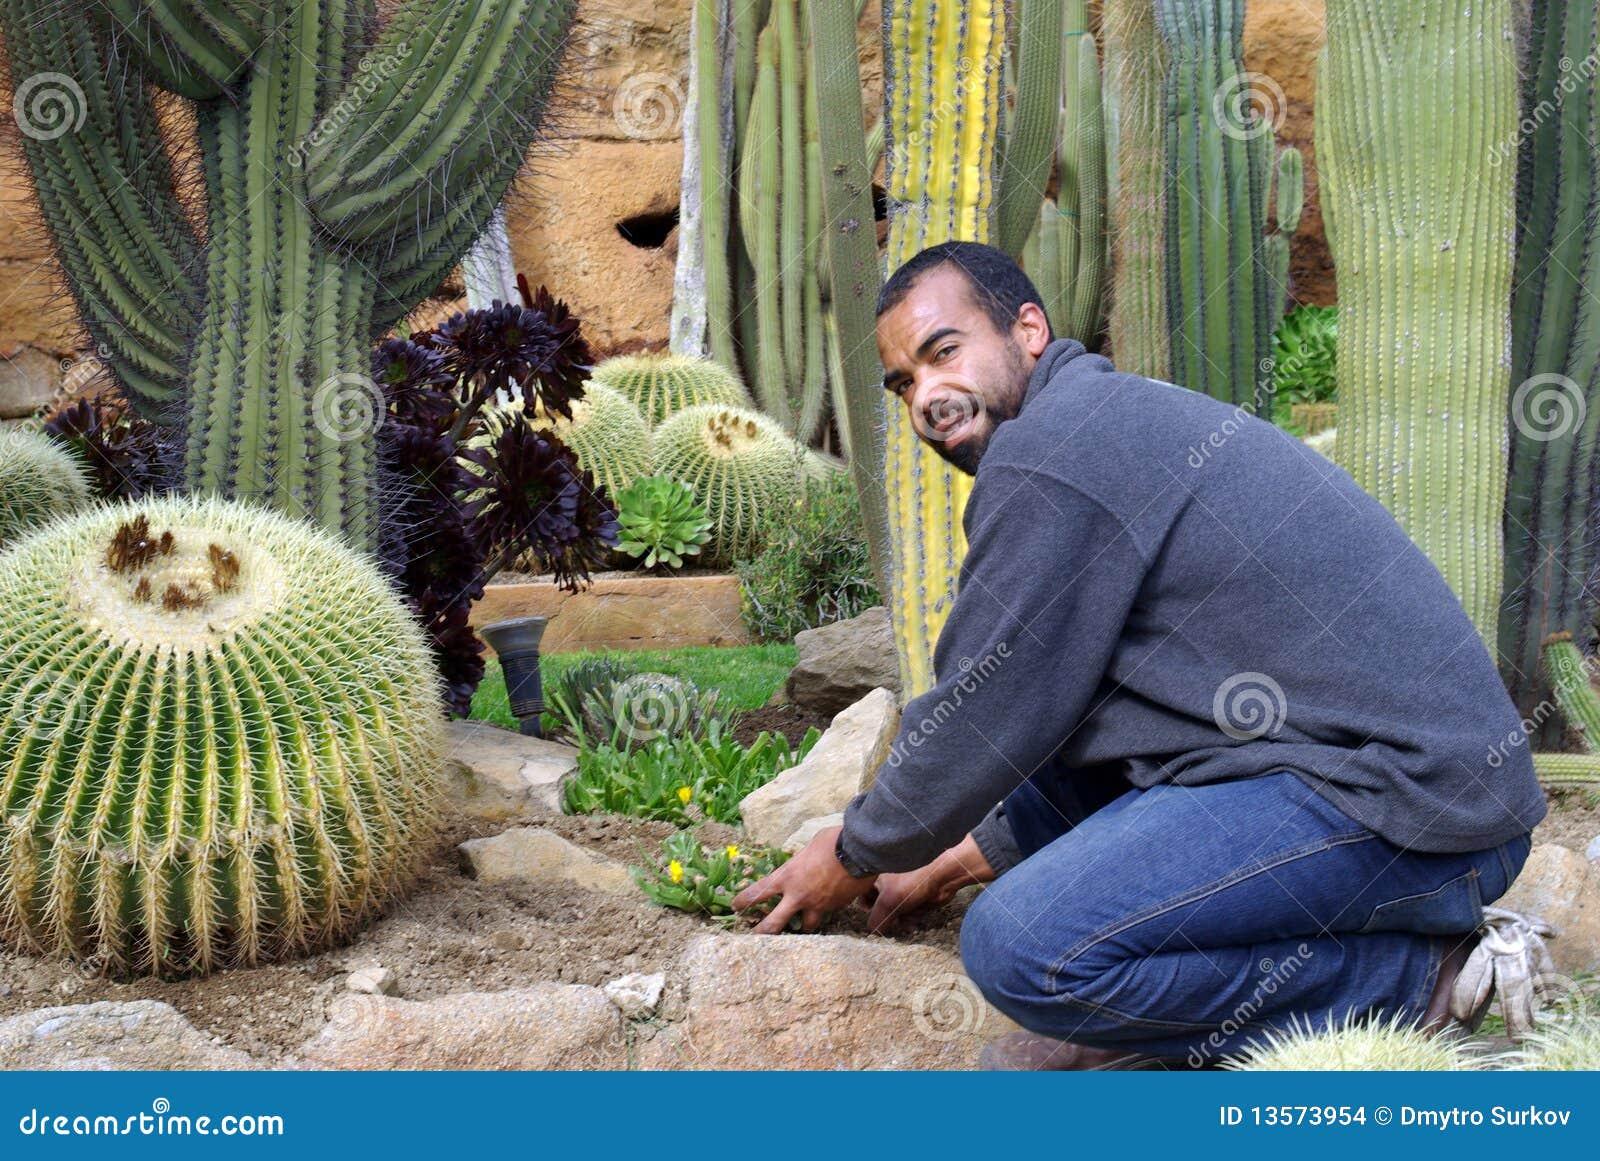 Giardiniere sul lavoro immagini stock immagine 13573954 for Immagini giardiniere